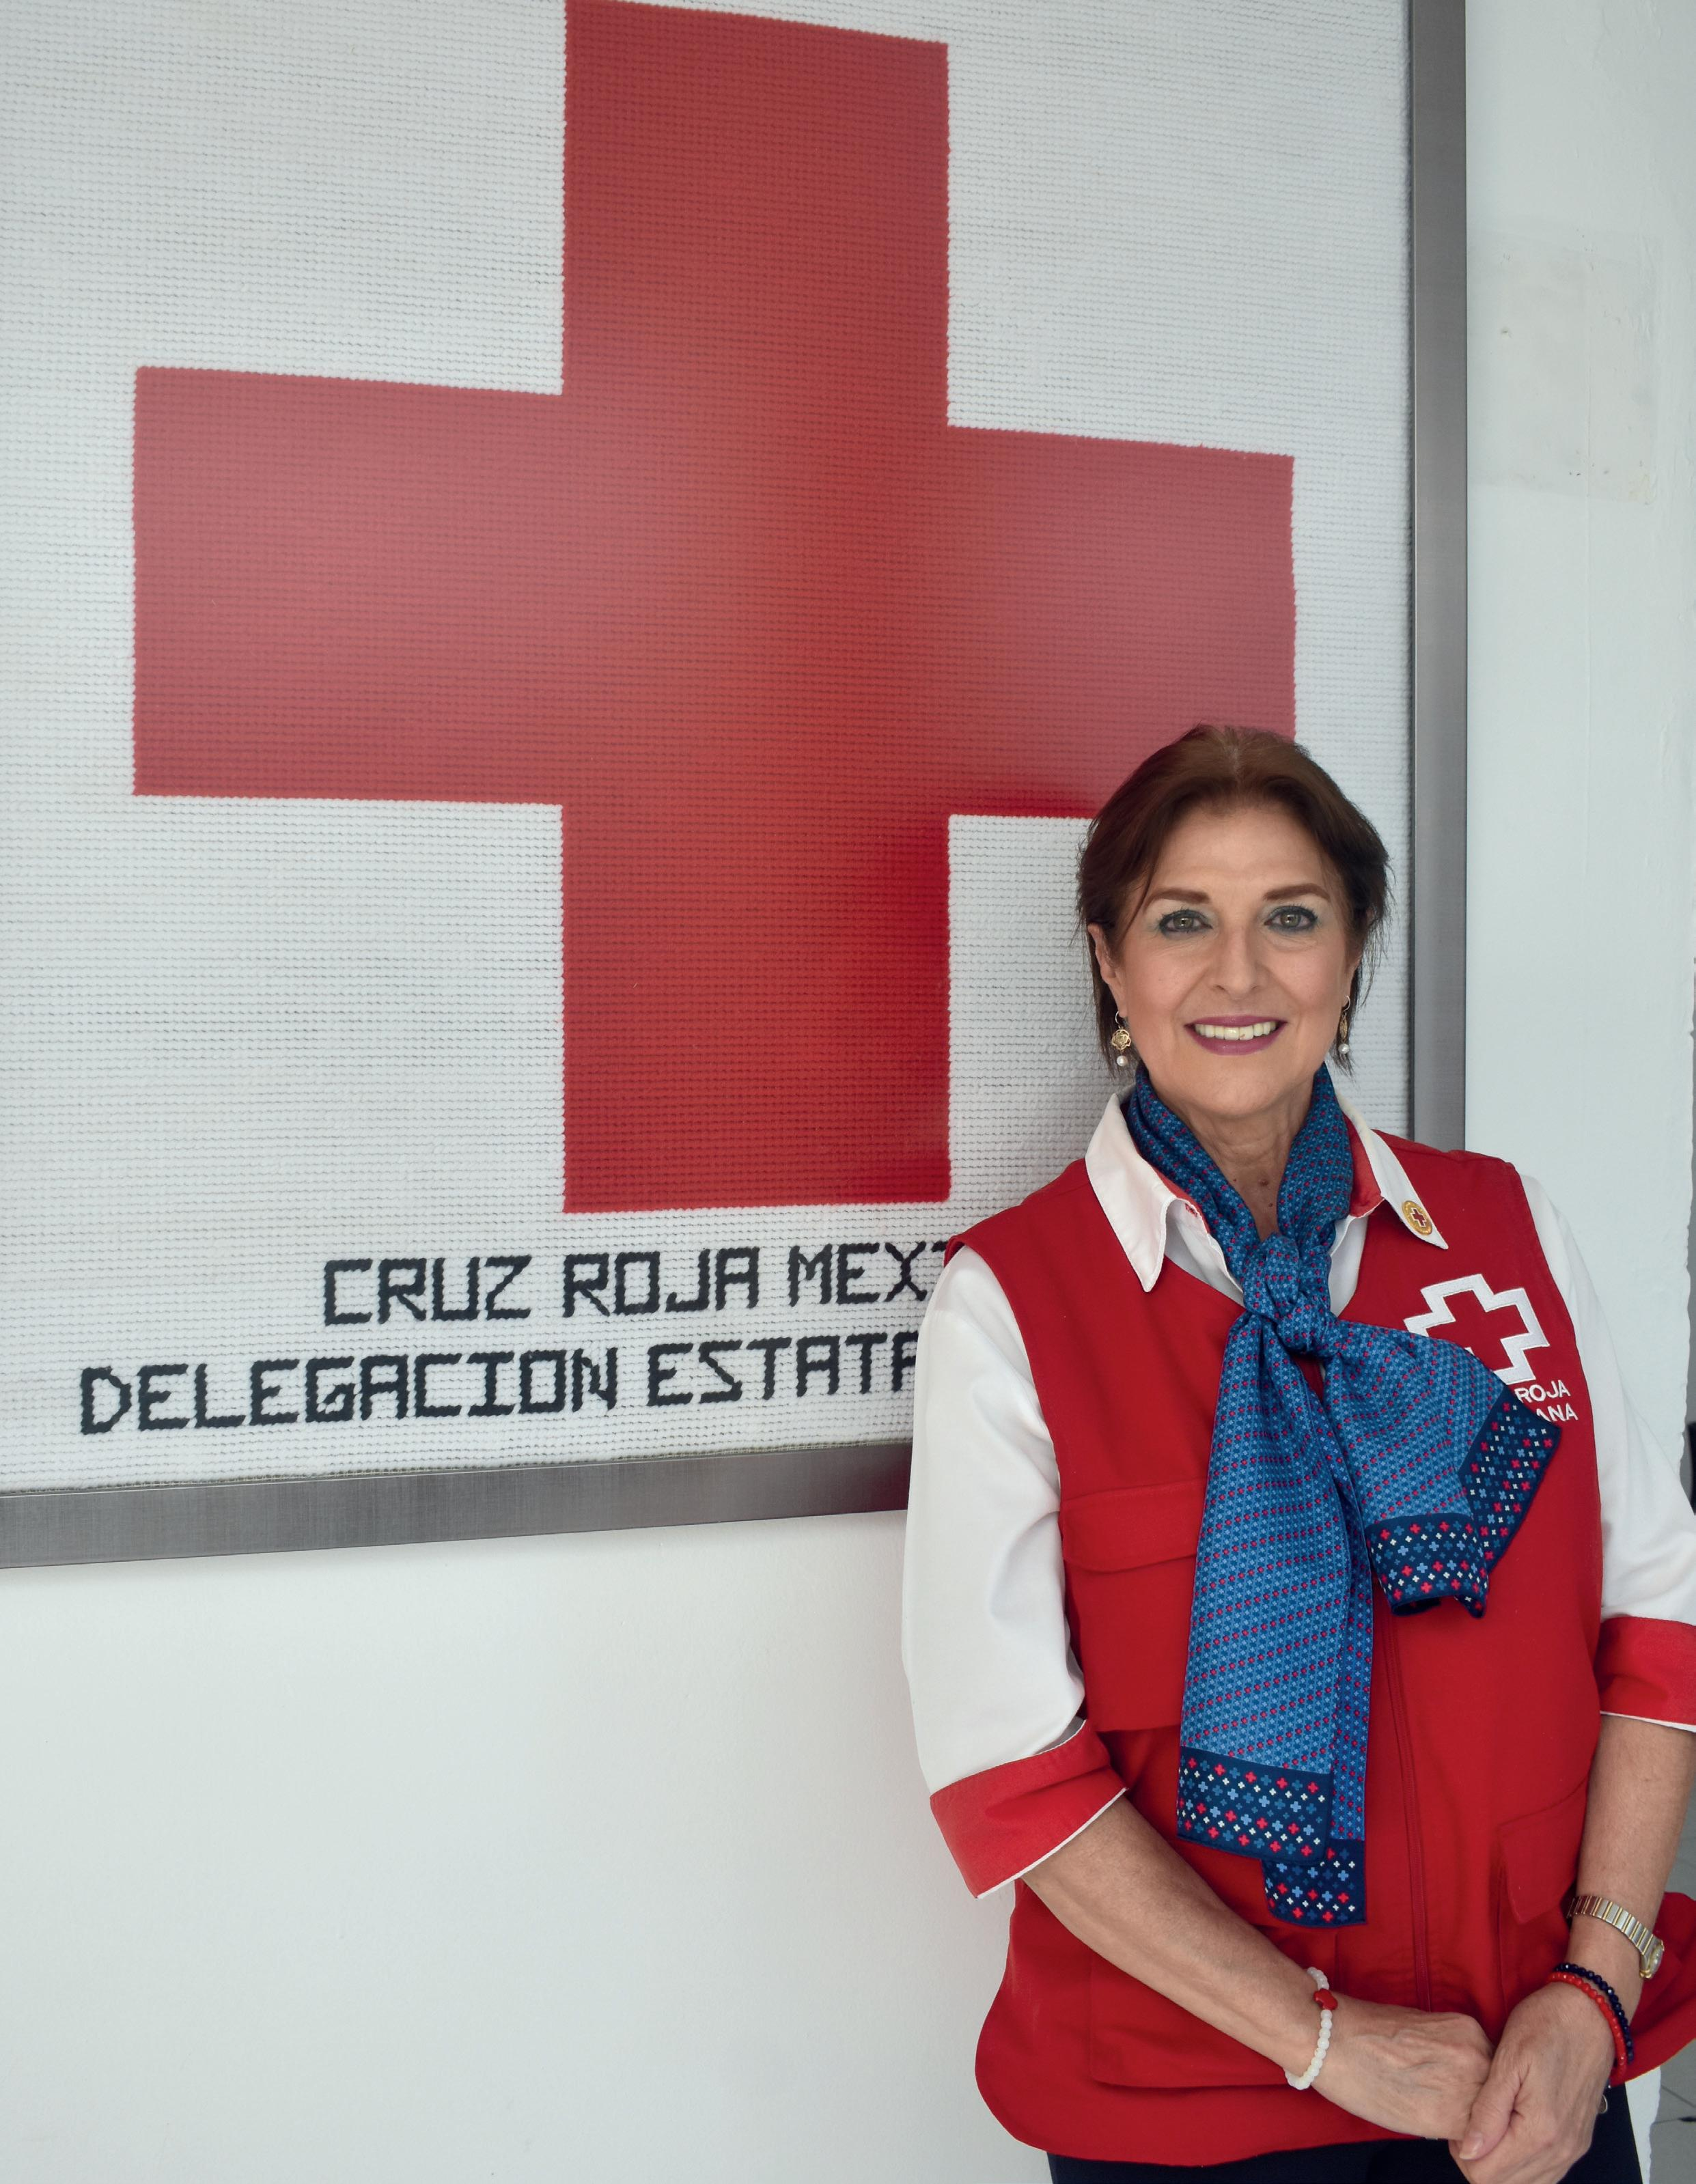 Page 22 of Cruz Roja Mexicana. El valor de servir